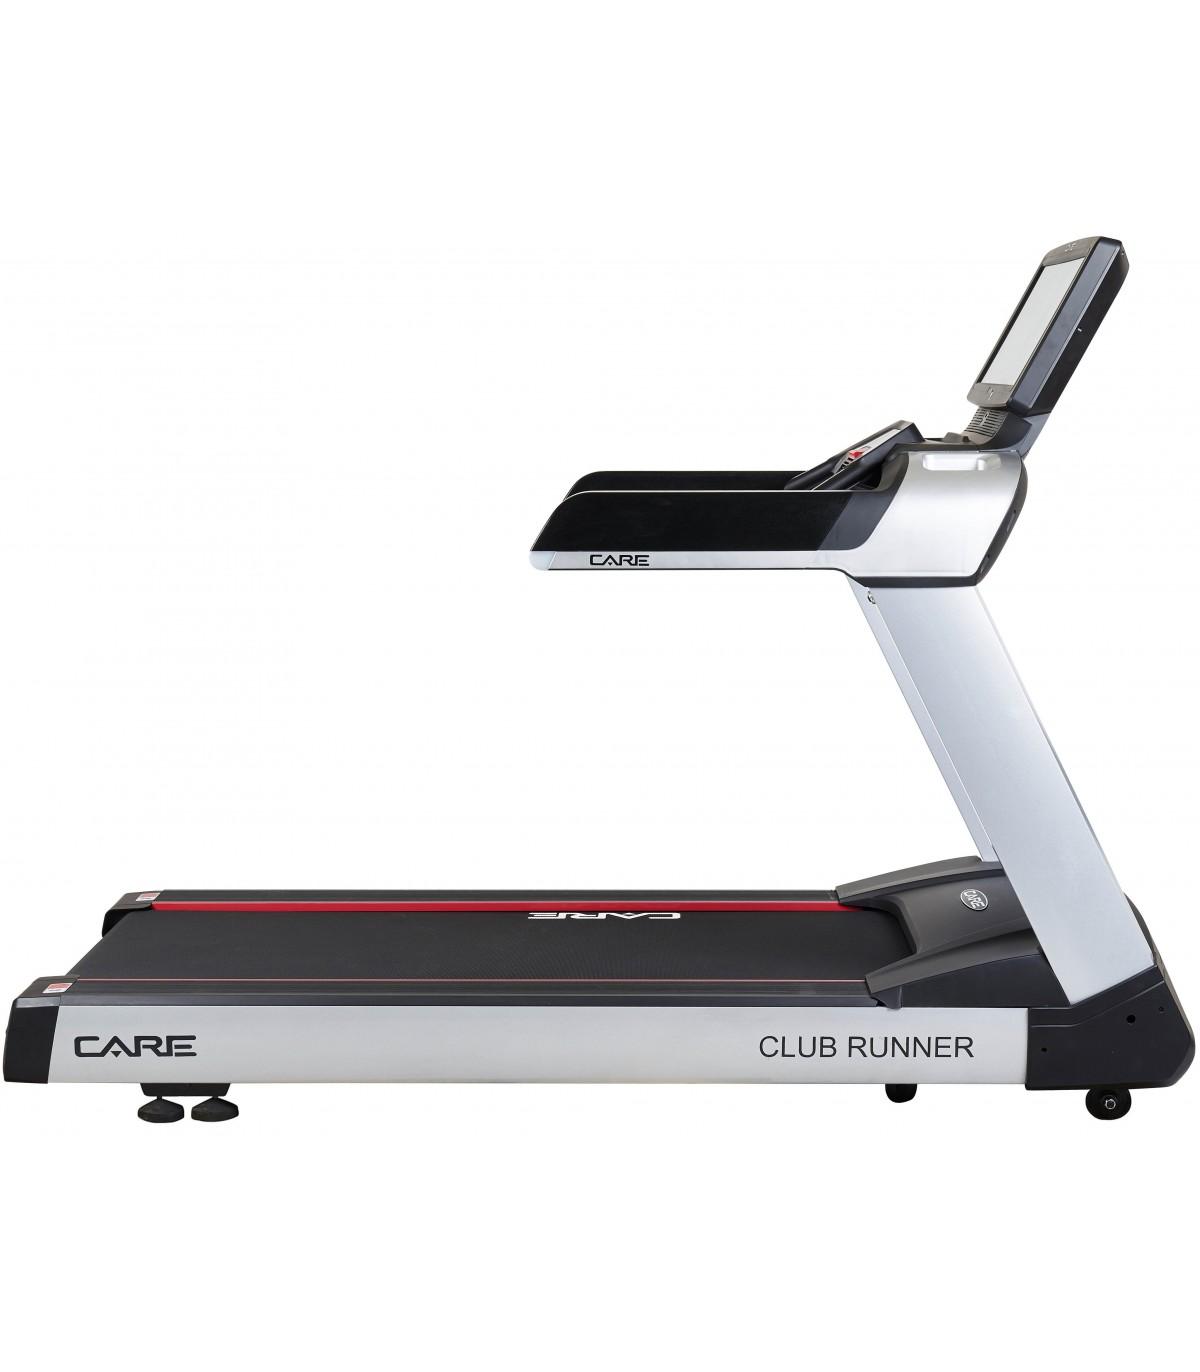 Tapis de course professionnel club runner tft care fitness - Tapis course professionnel ...